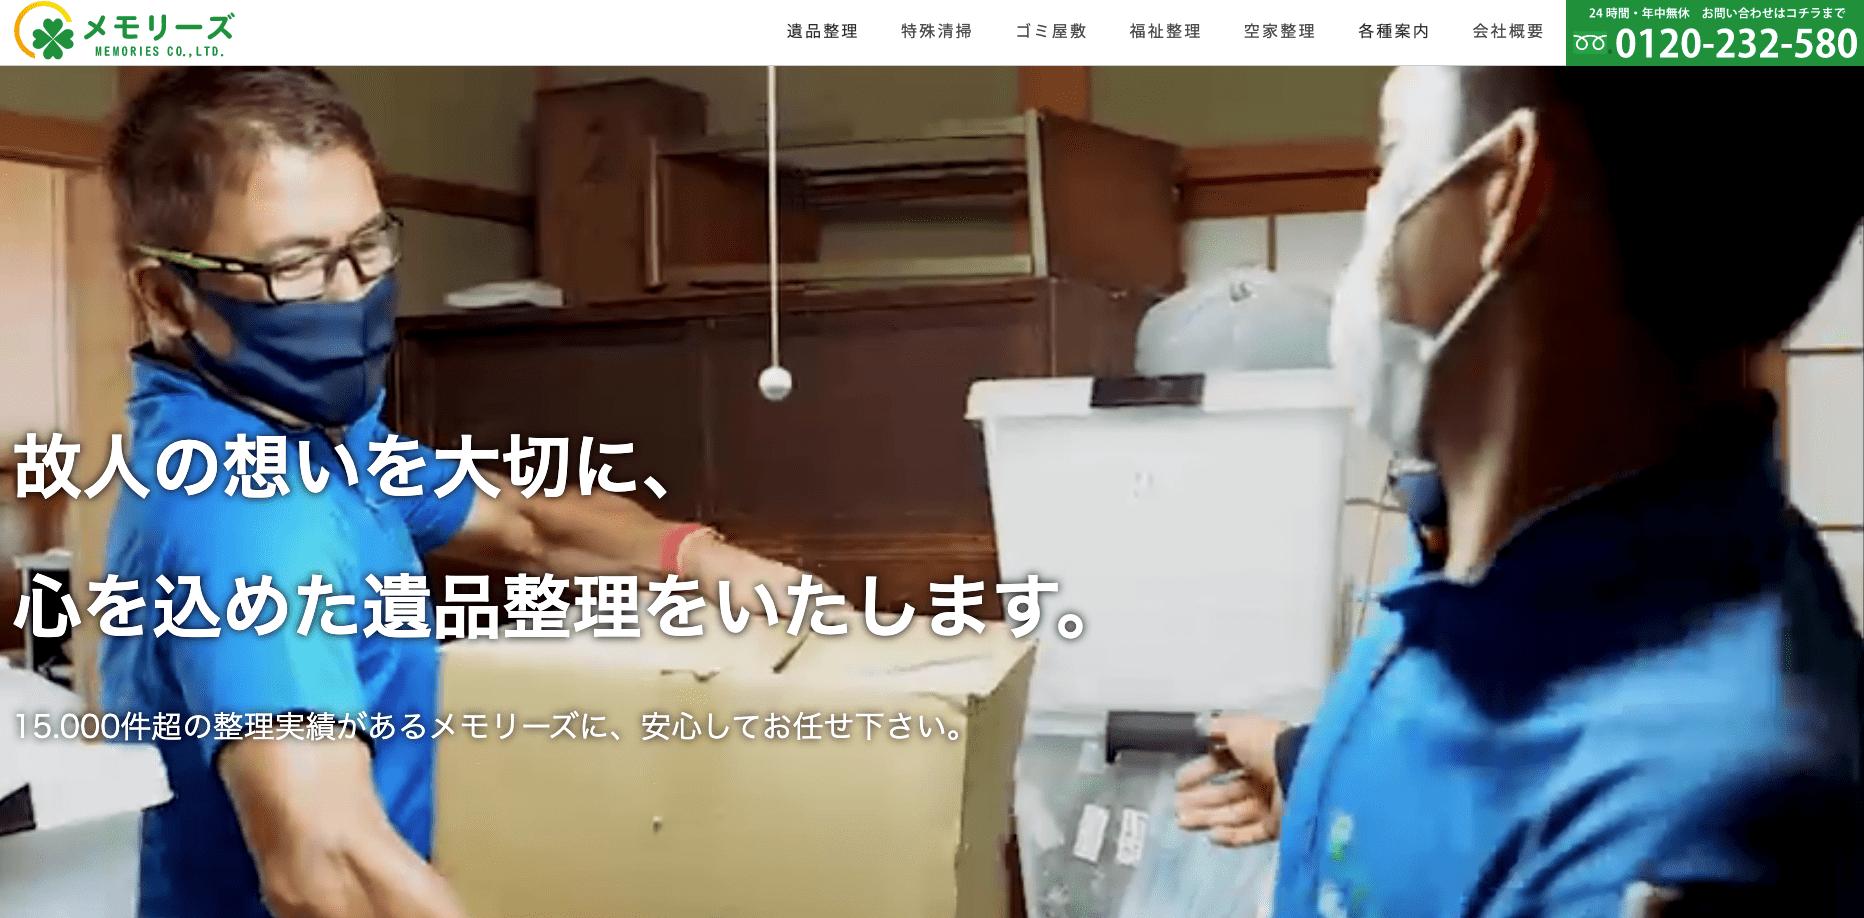 大阪の遺品整理専門業者メモリーズ